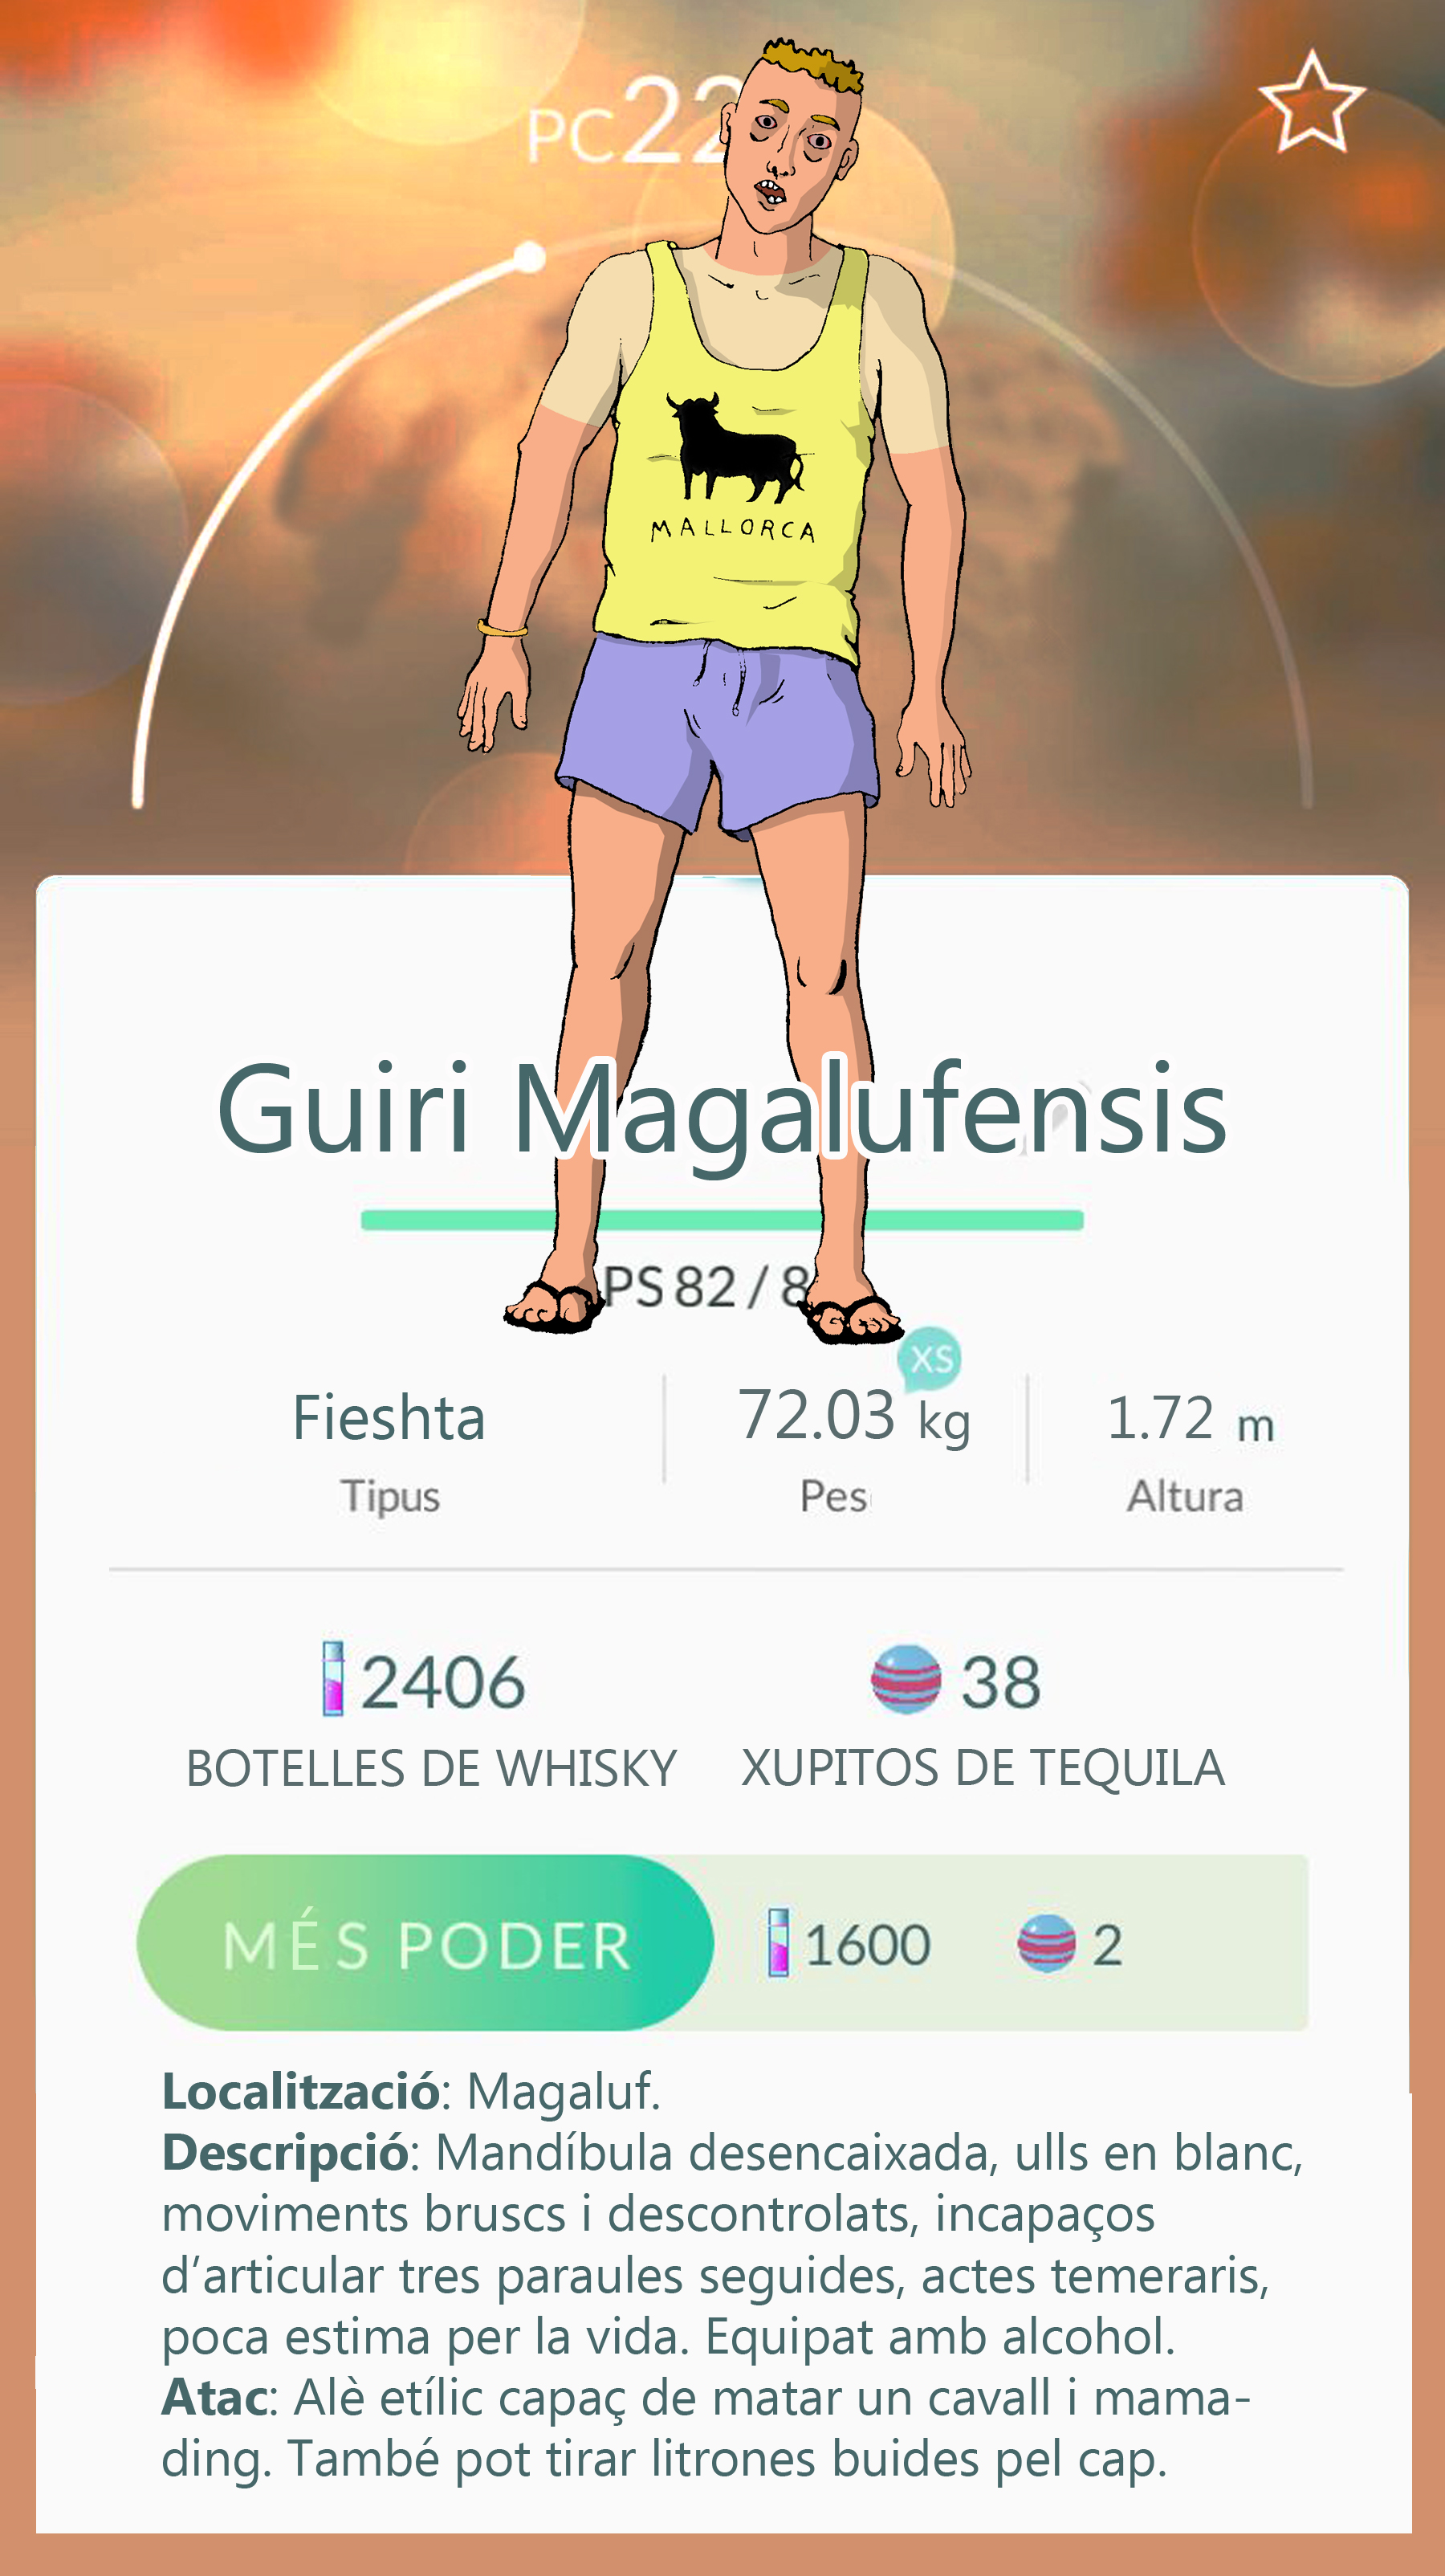 El Guiri Magalufensis